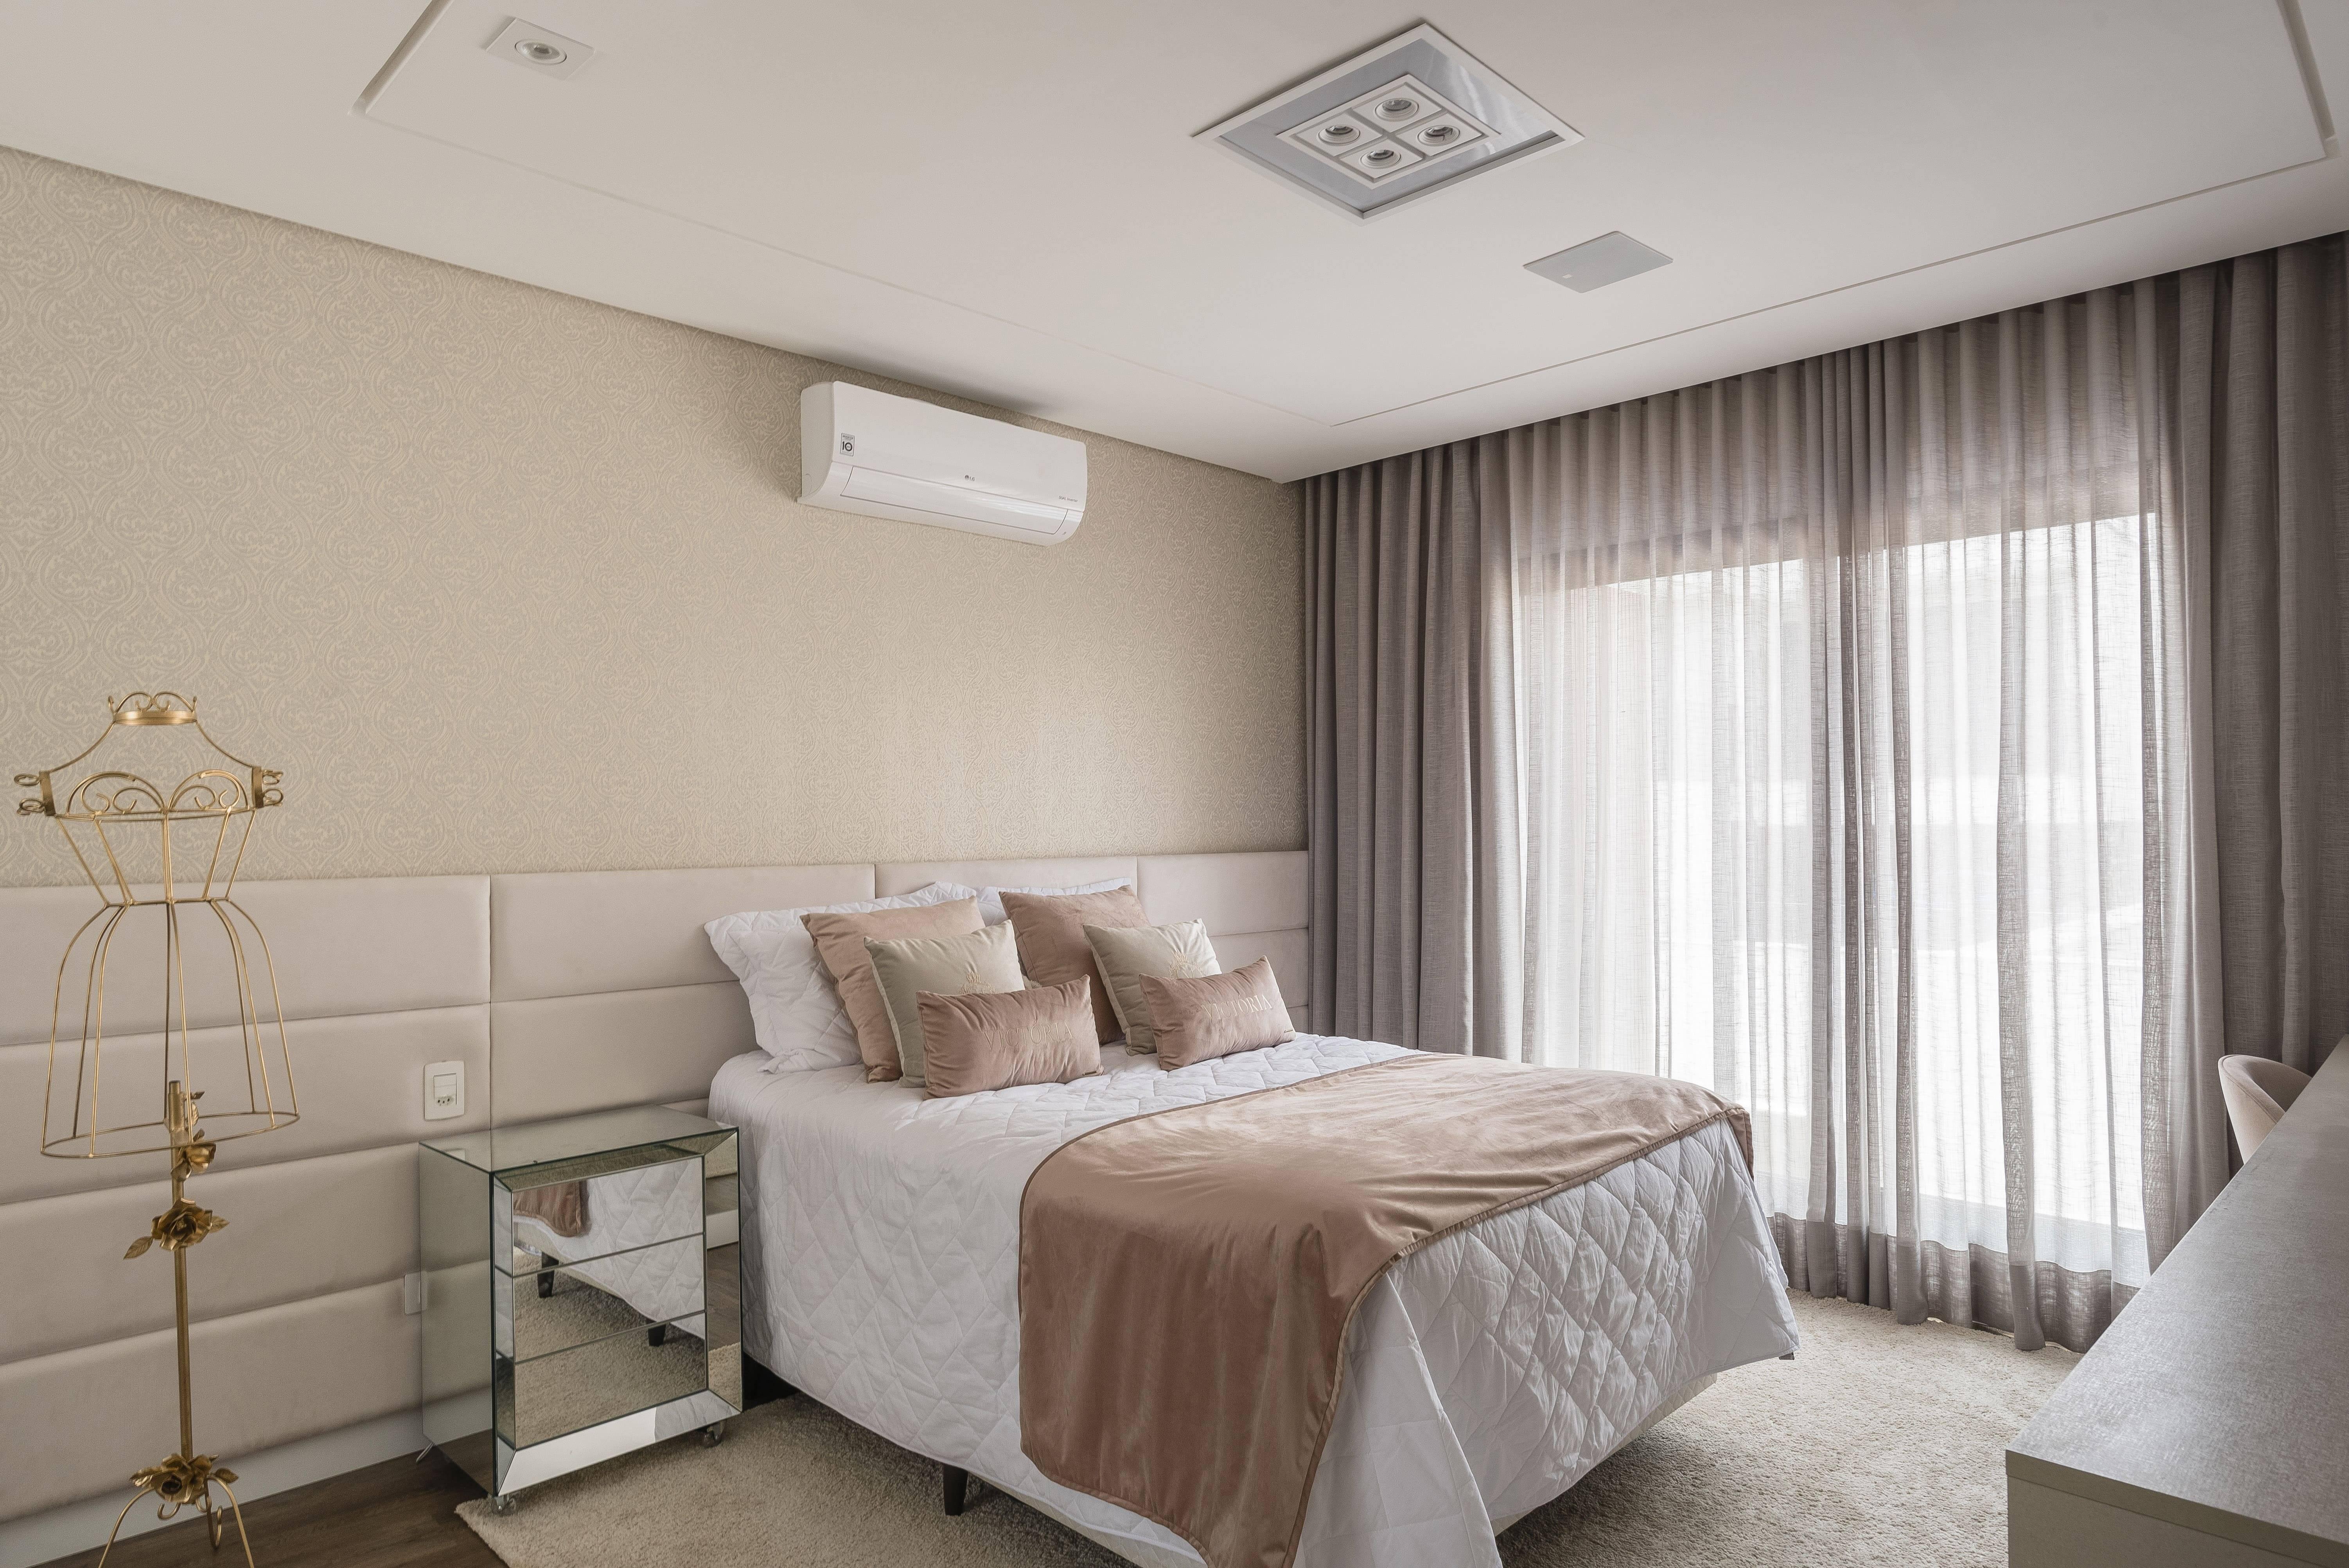 A cabeceira aveludada complementa a cama box e intensifica os ares românticos do décor. Foto: Henrique Ribeiro